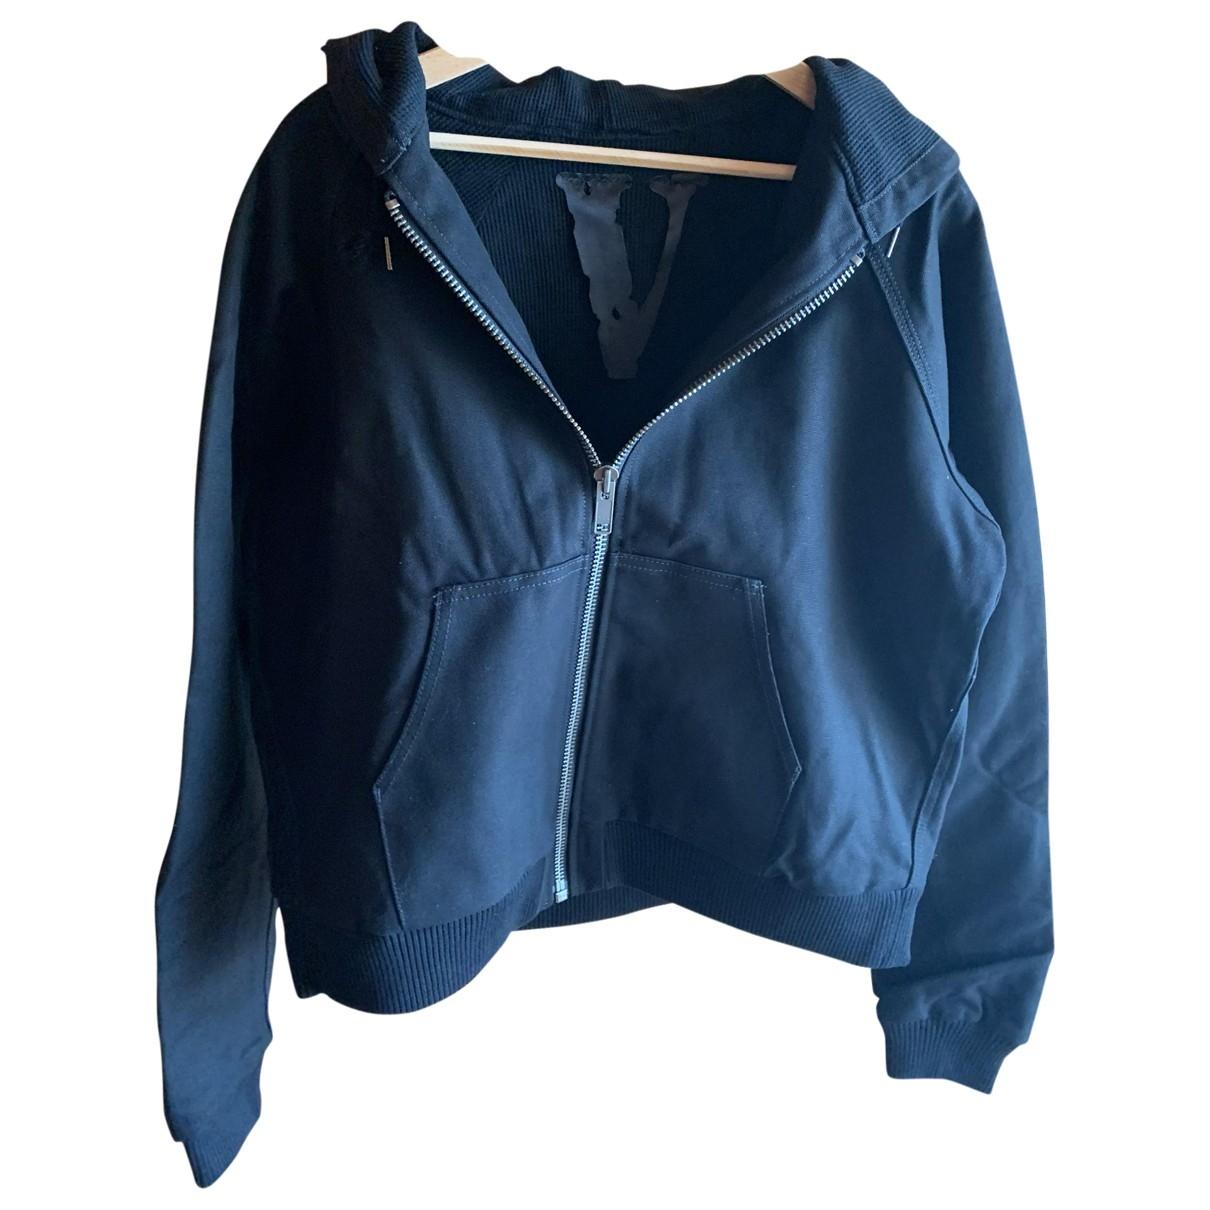 Vlone \N Black Cashmere jacket  for Men M International